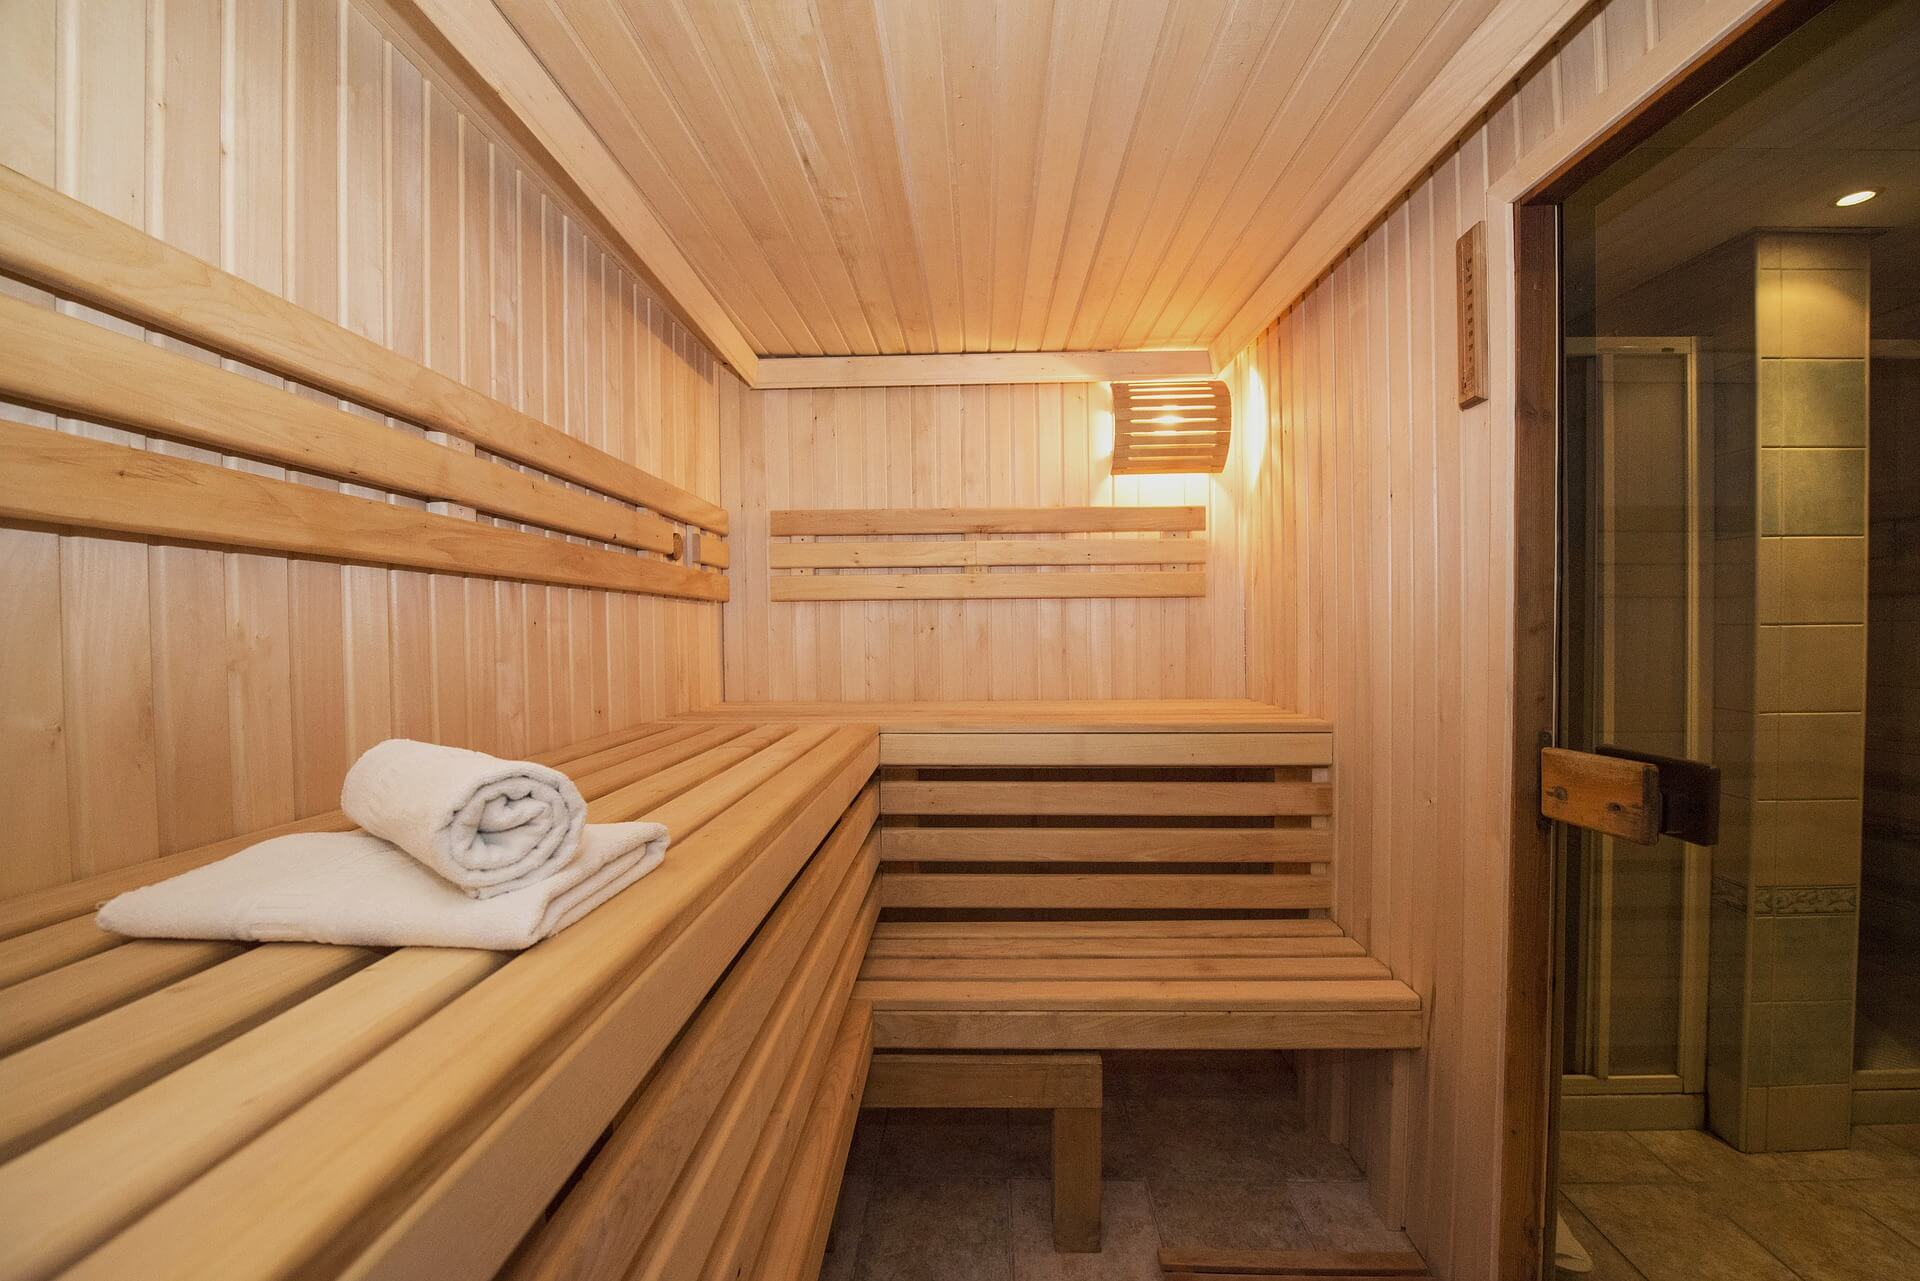 Sauna wewnętrzna - relaks i odpoczynek